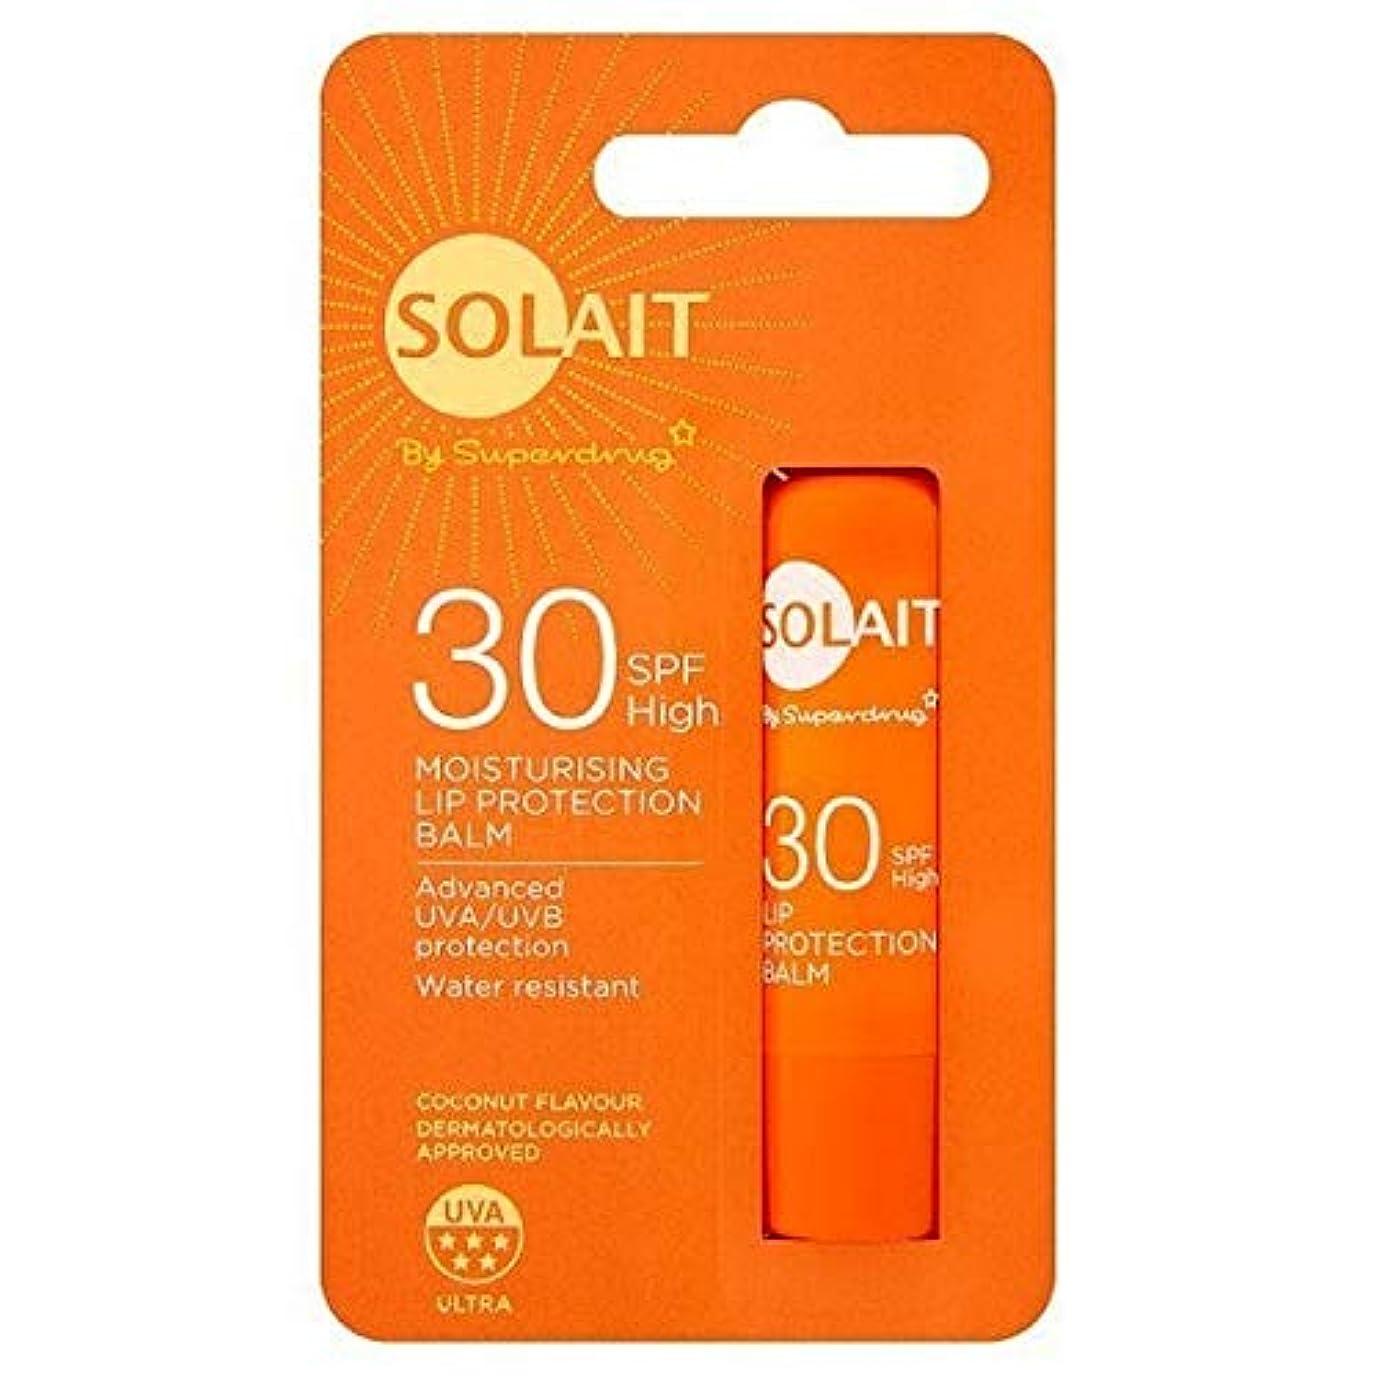 良さチューインガムアナリスト[Solait] SolaitリッププロテクタースティックSpf30の4,8G - Solait Lip Protector Stick SPF30 4,8g [並行輸入品]